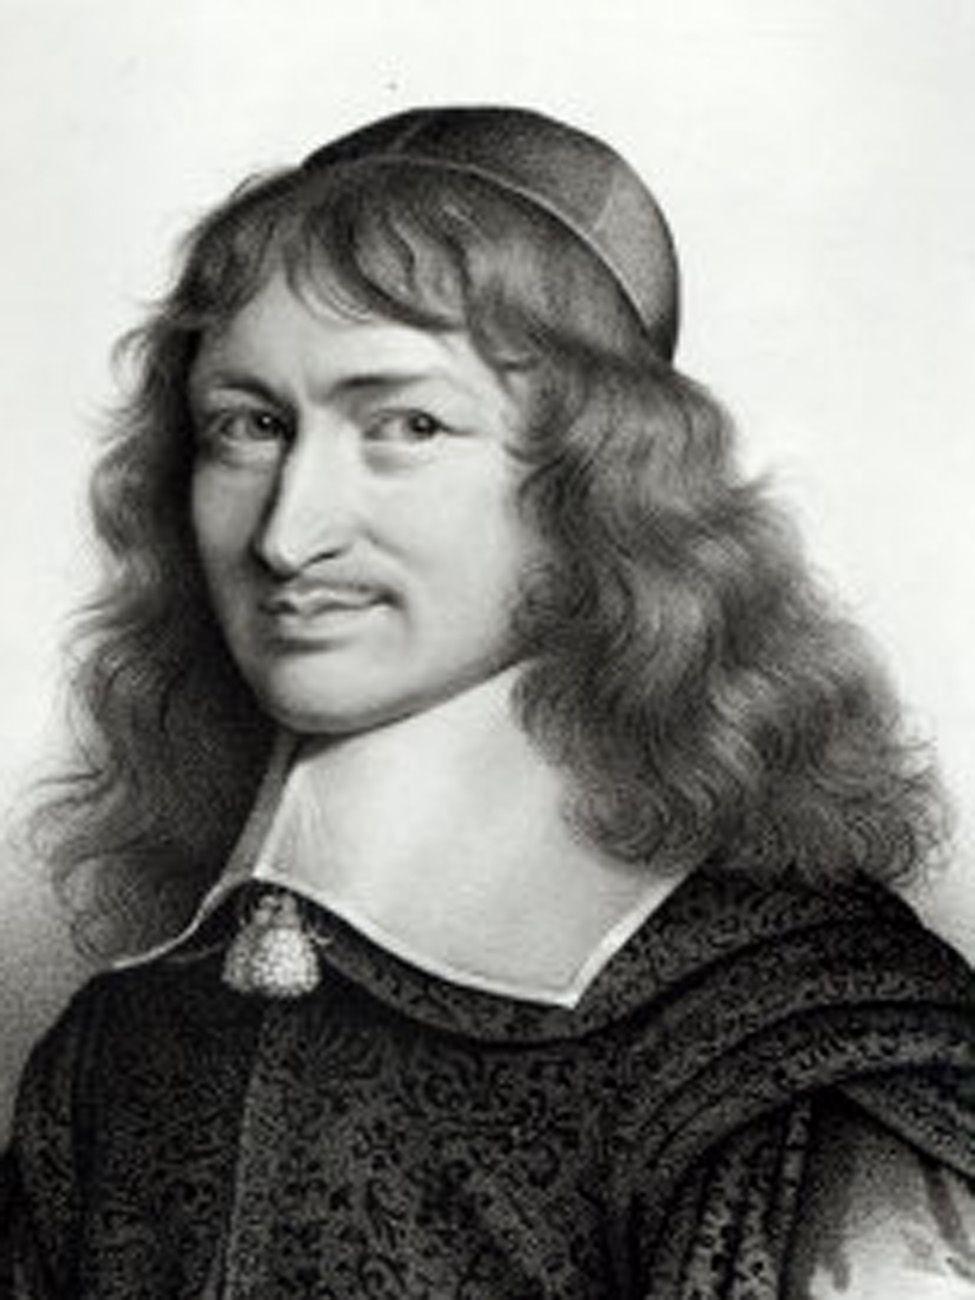 Nicolas Fouquet, marquis de Belle-Île, vicomte de Melun et Vaux, né en janvier 16152 à Paris, mort le 23 mars 1680 à Pignerol